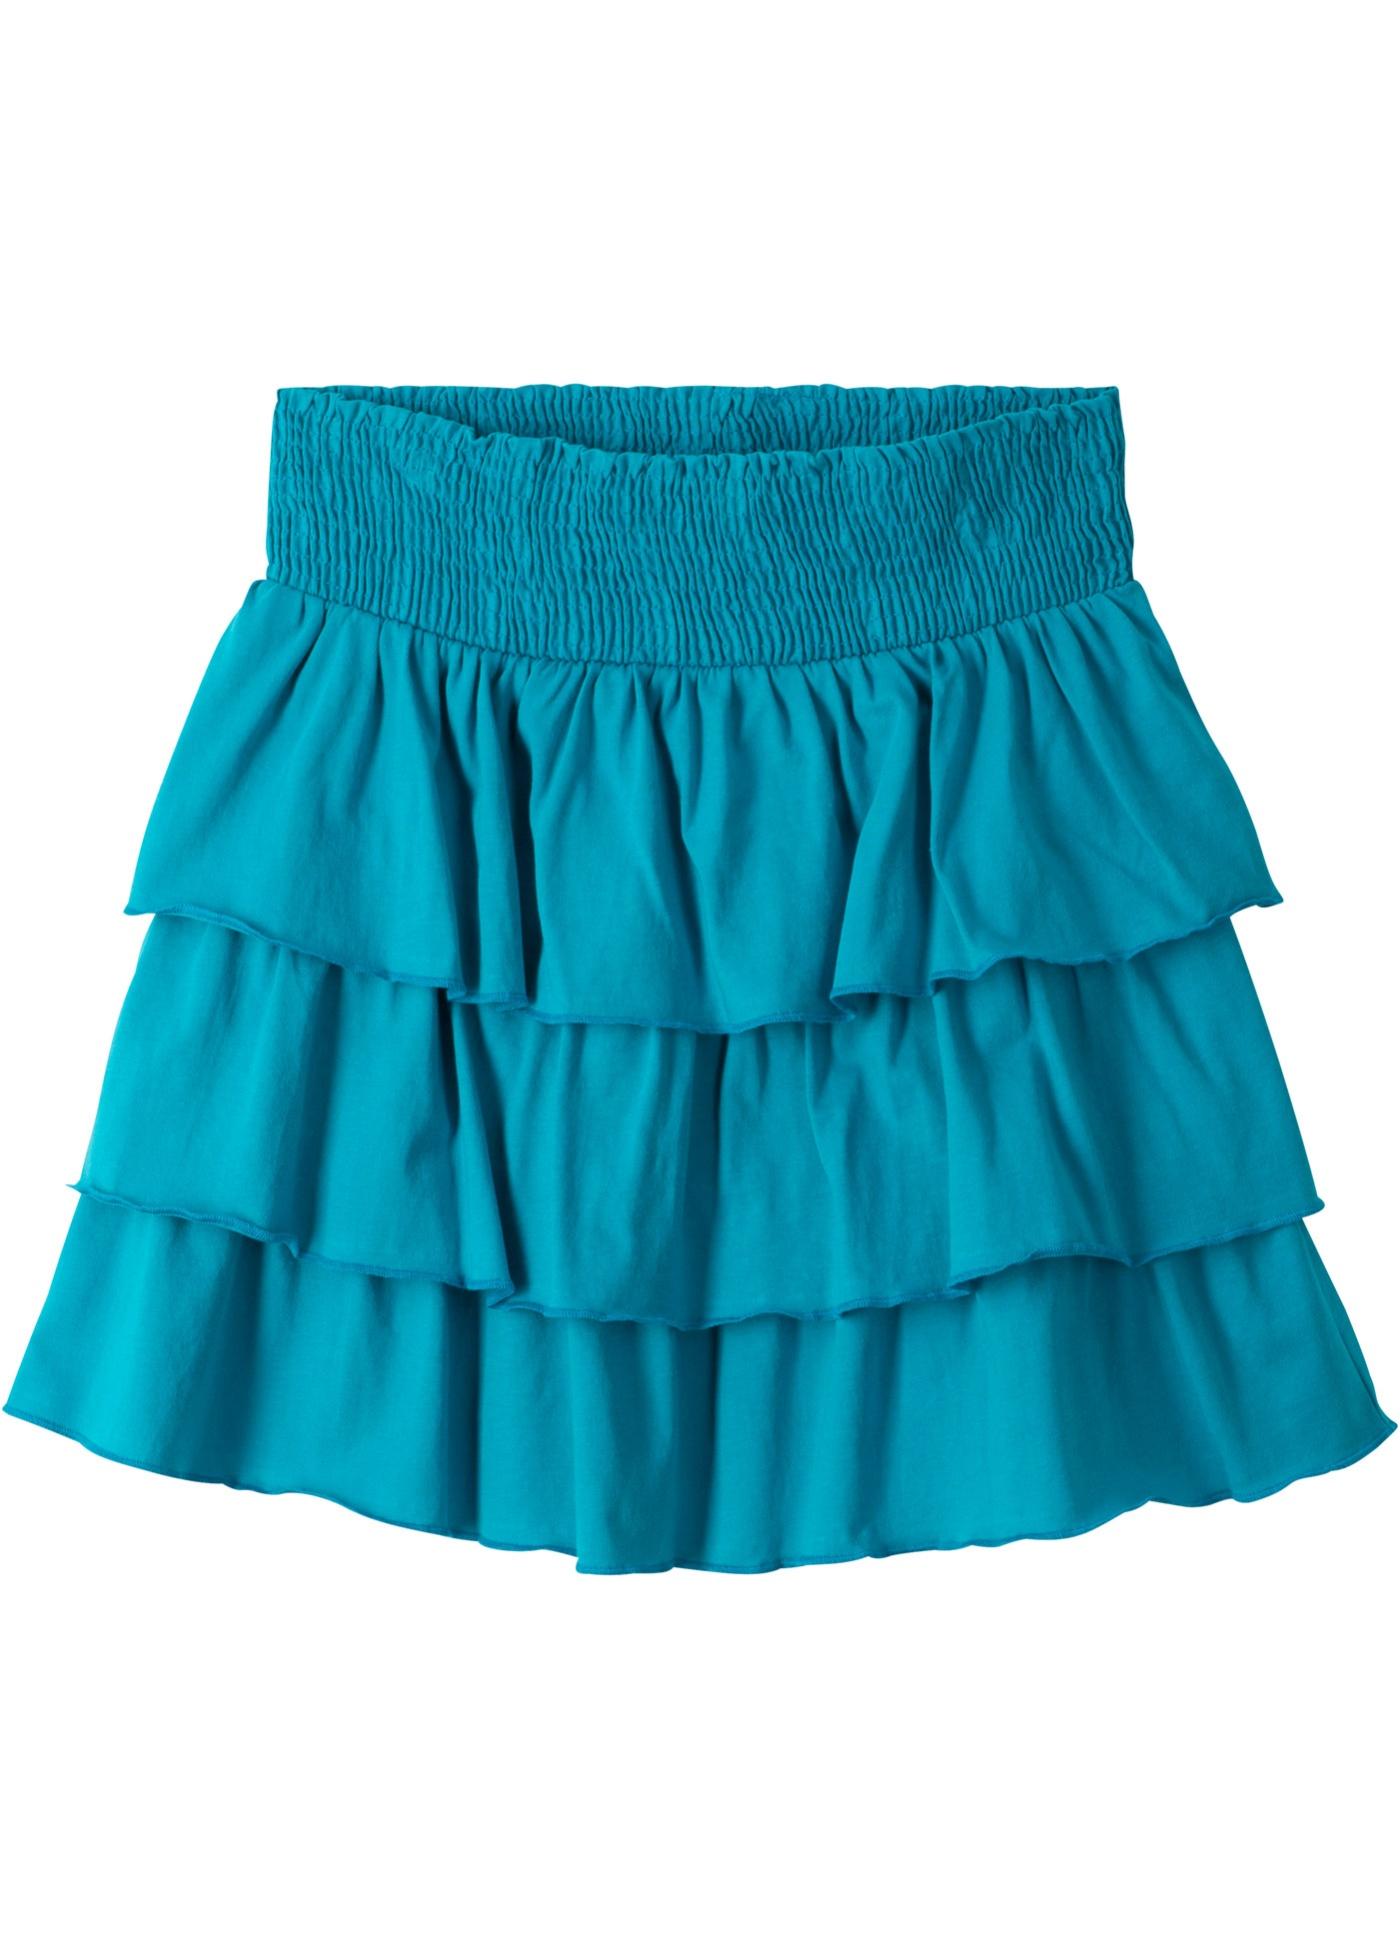 Mädchen,  Kinder bonprix Rock mit Volants blau, schwarz | 08904303026274